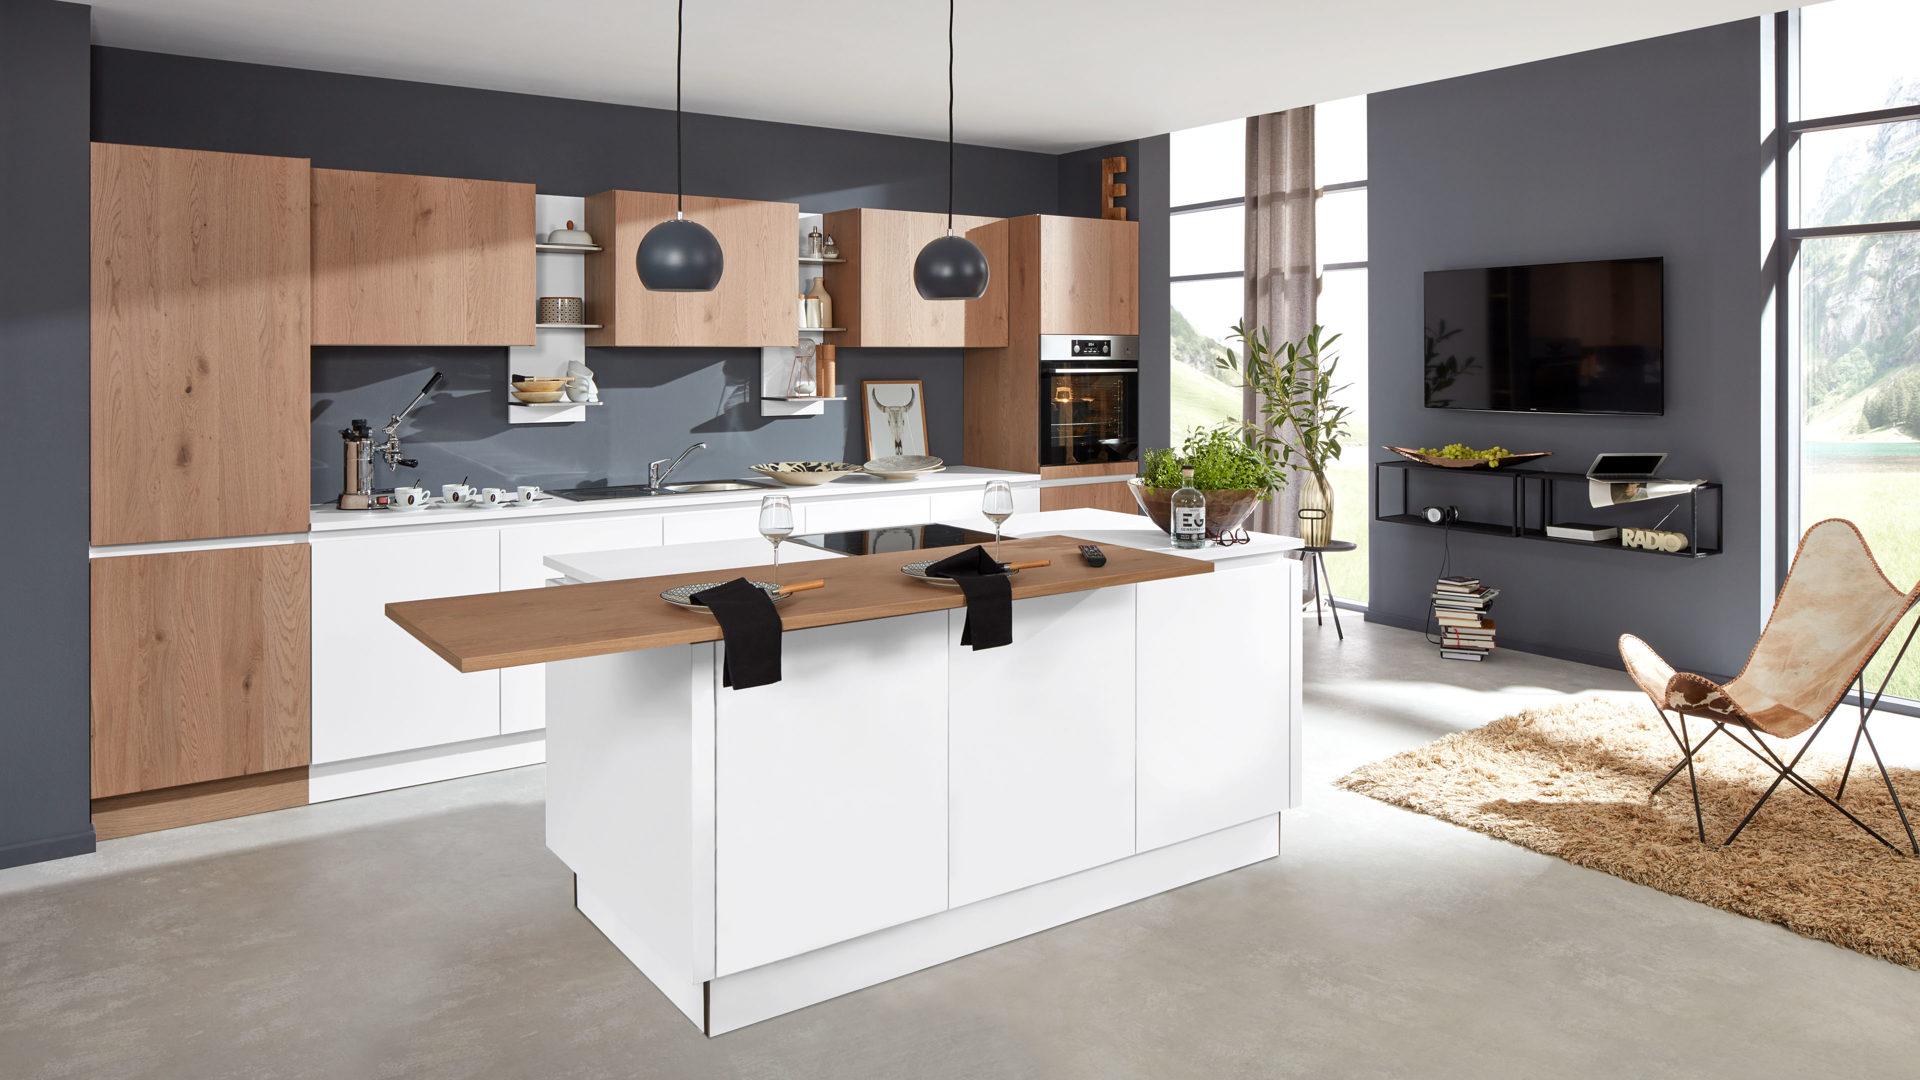 Interliving Küche Serie 3013 mit AEG Einbaugeräten, arcticweiße & Pinot  eichefarbene Kunststoffoberflächen – zweiteilig